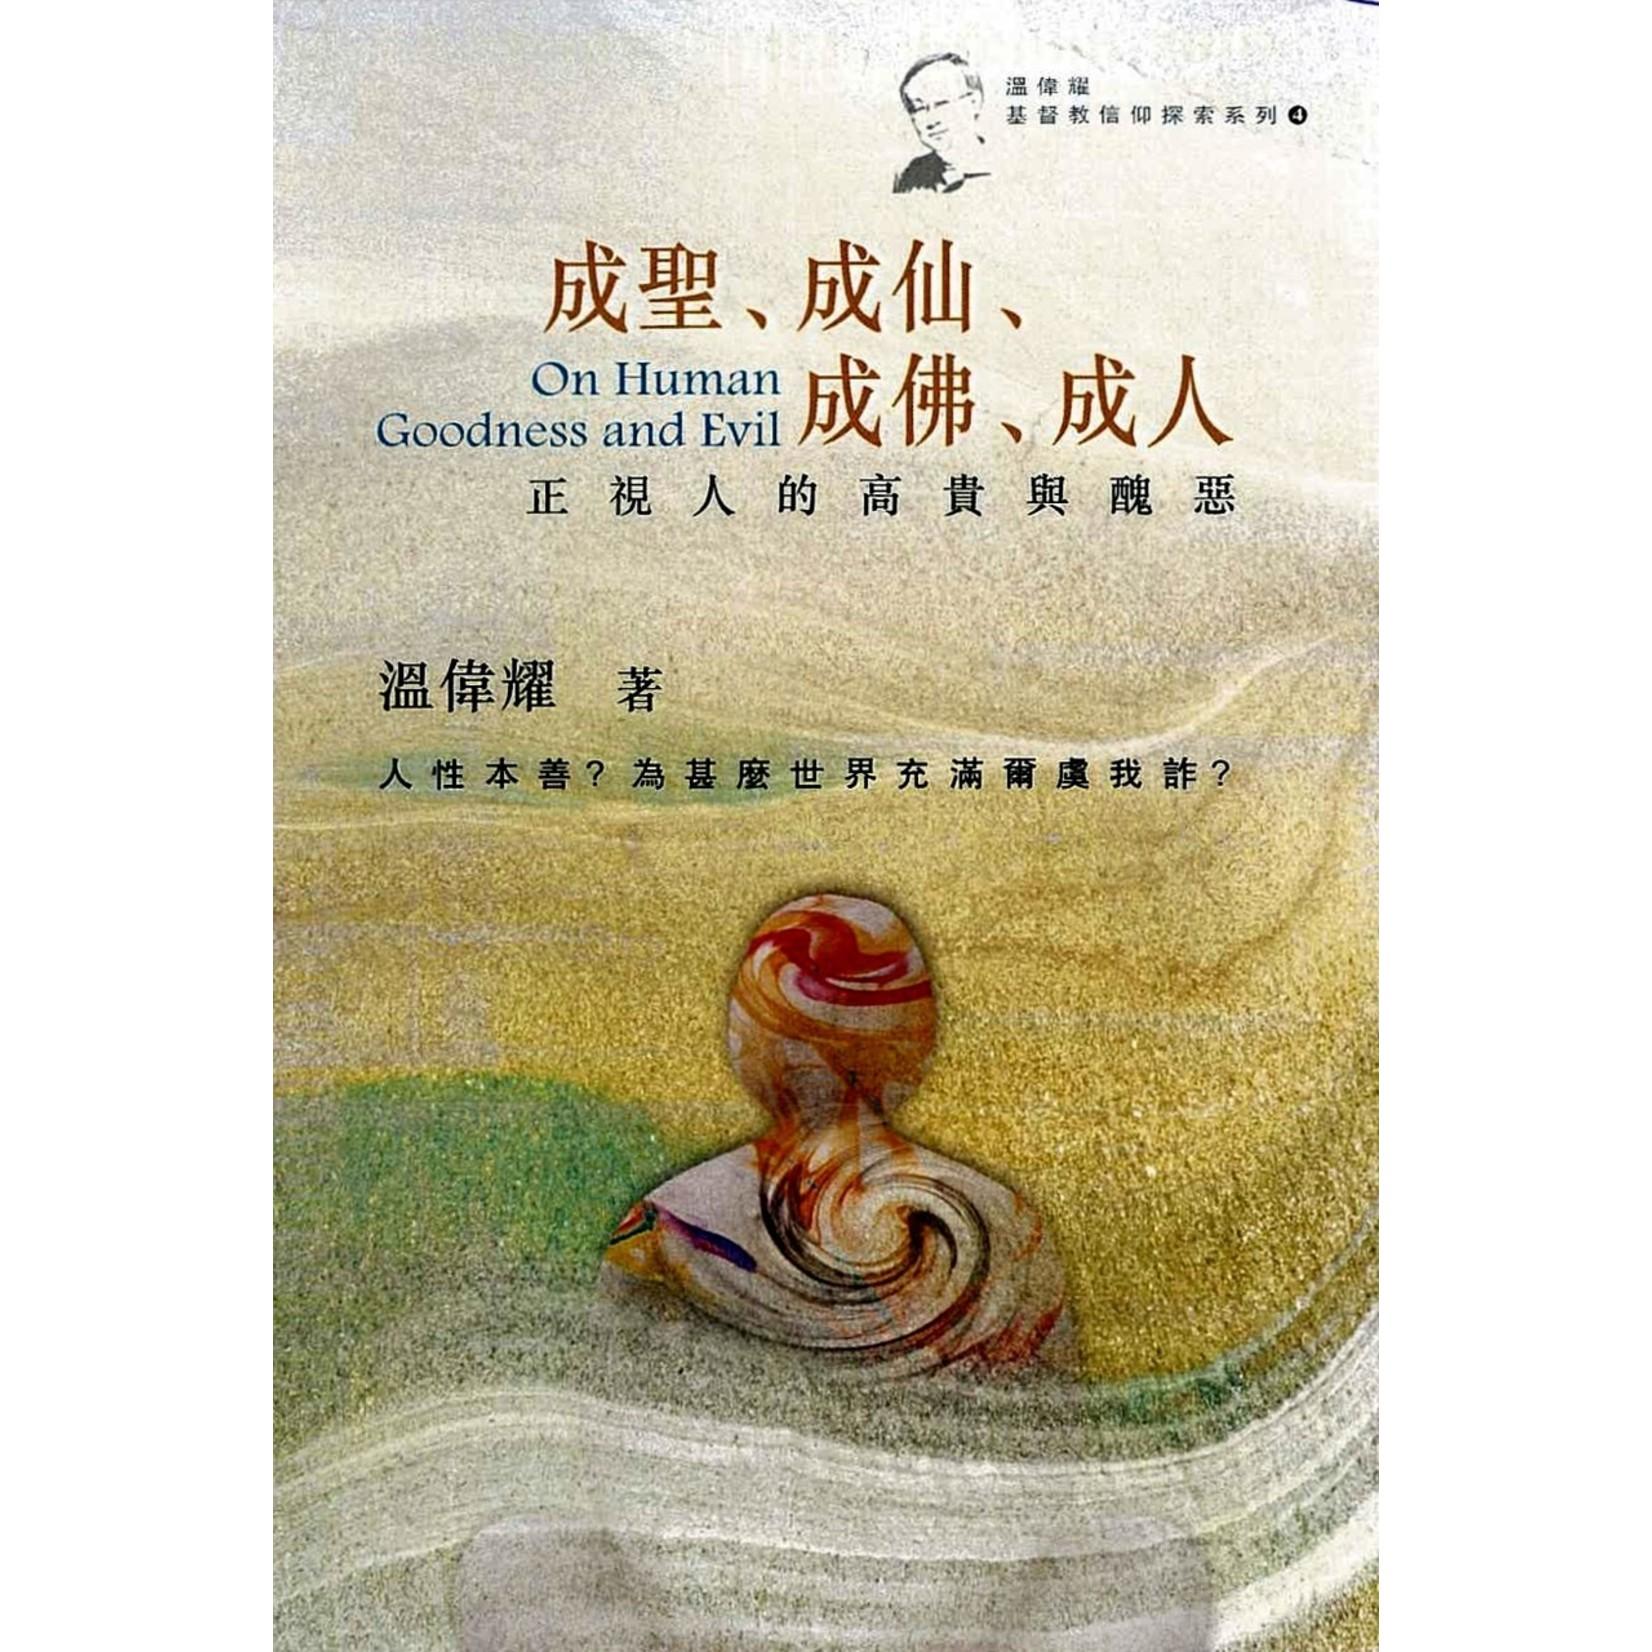 明風 Ming Feng Press 成聖、成仙、成佛、成人:正視人的高貴與醜惡(第二版)